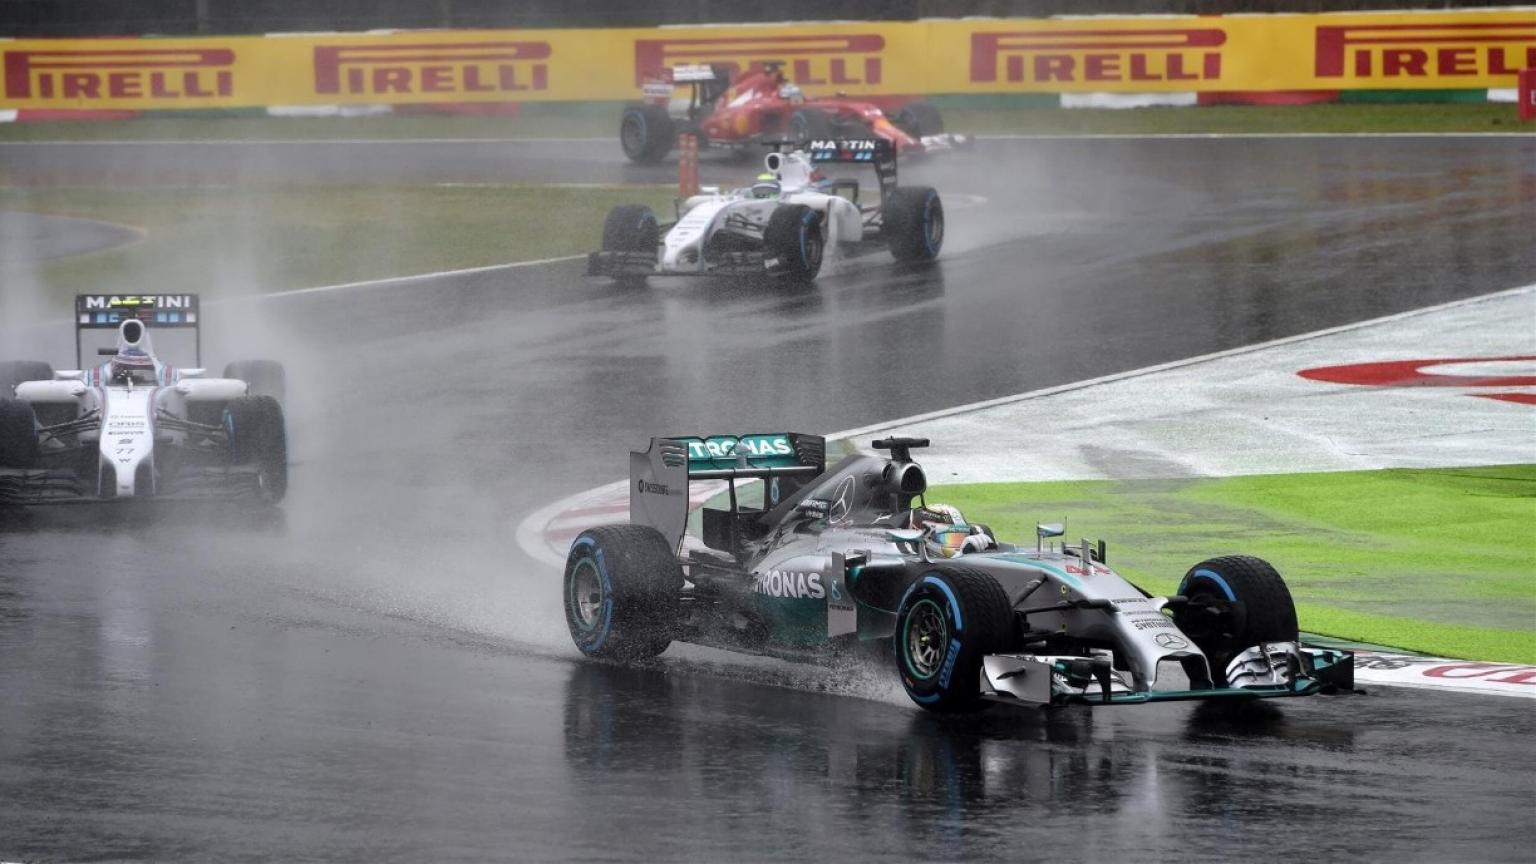 الفورمولا 1 في المطر